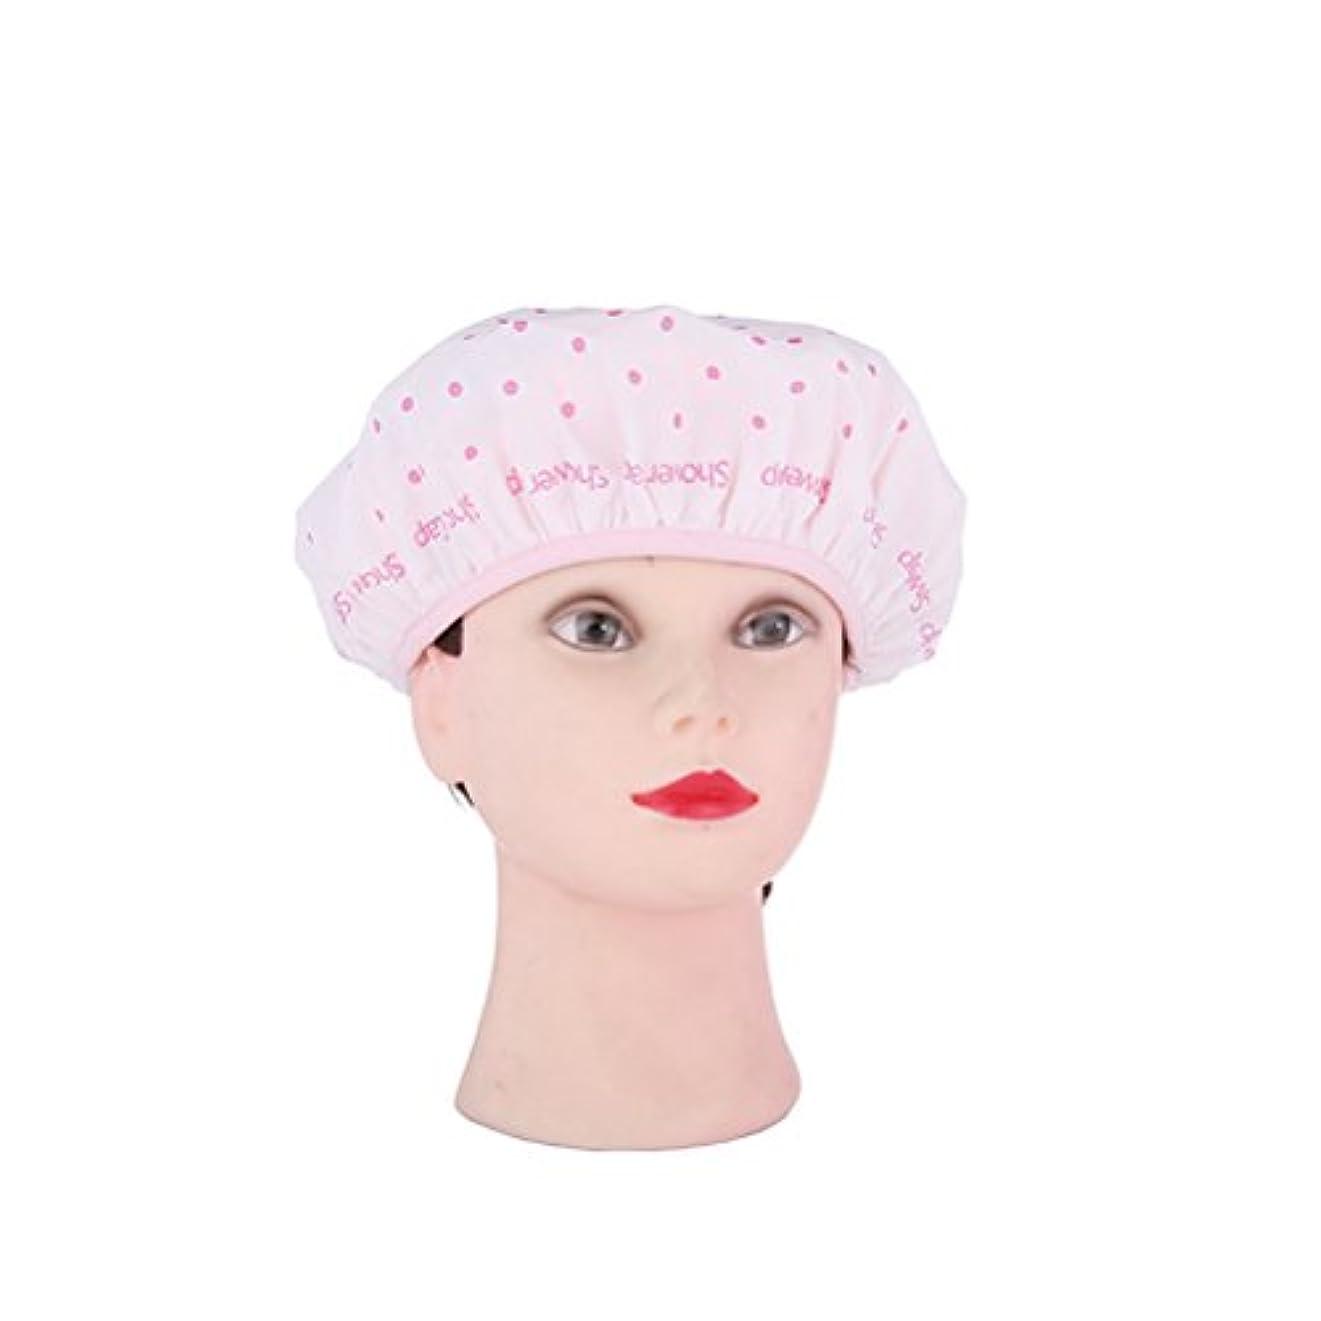 プーノ梨書店HEALLILY シャワーの帽子女性の子供のための防水シャワーの帽子のBathのシャワーの毛の帽子